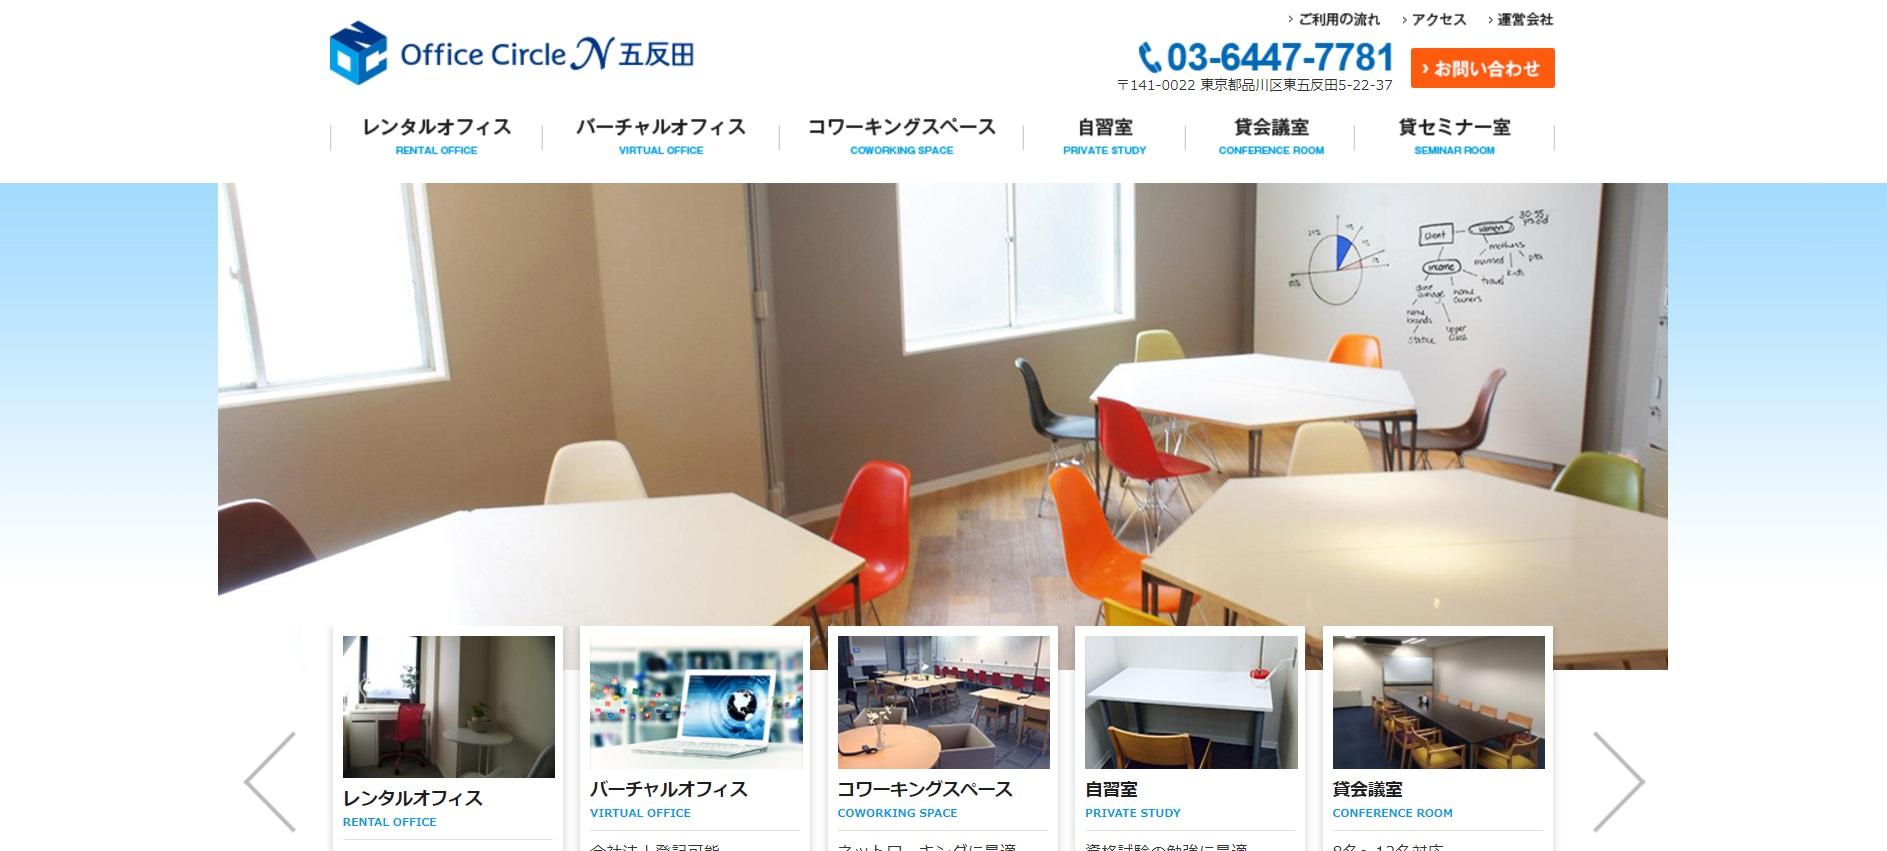 オフィスサークルN五反田